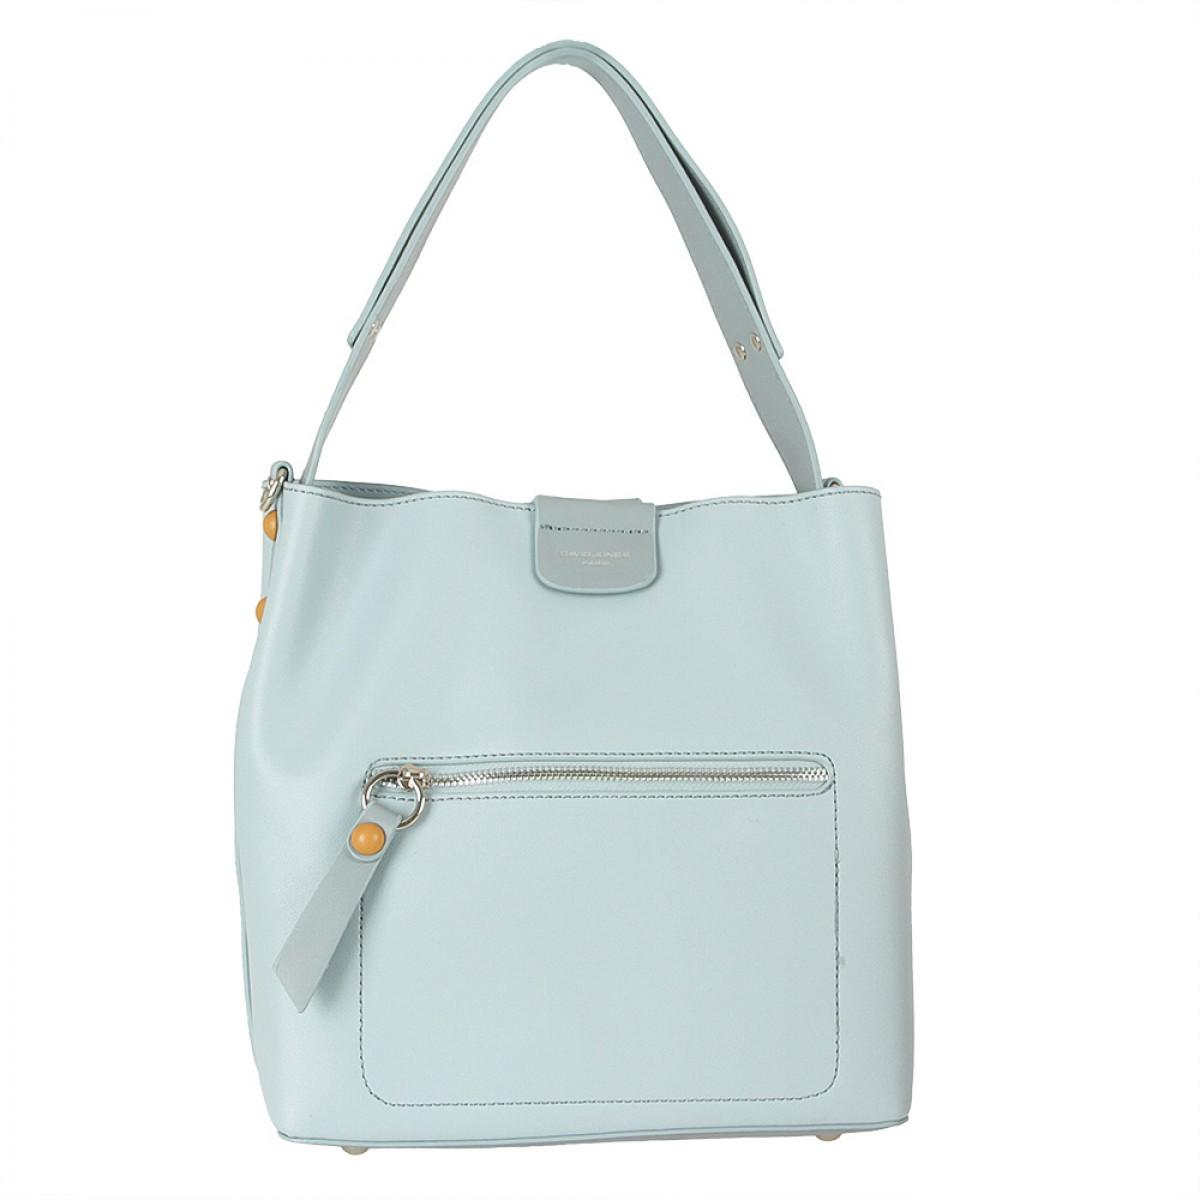 Жіноча сумка David Jones 6216-1 L.BLUE